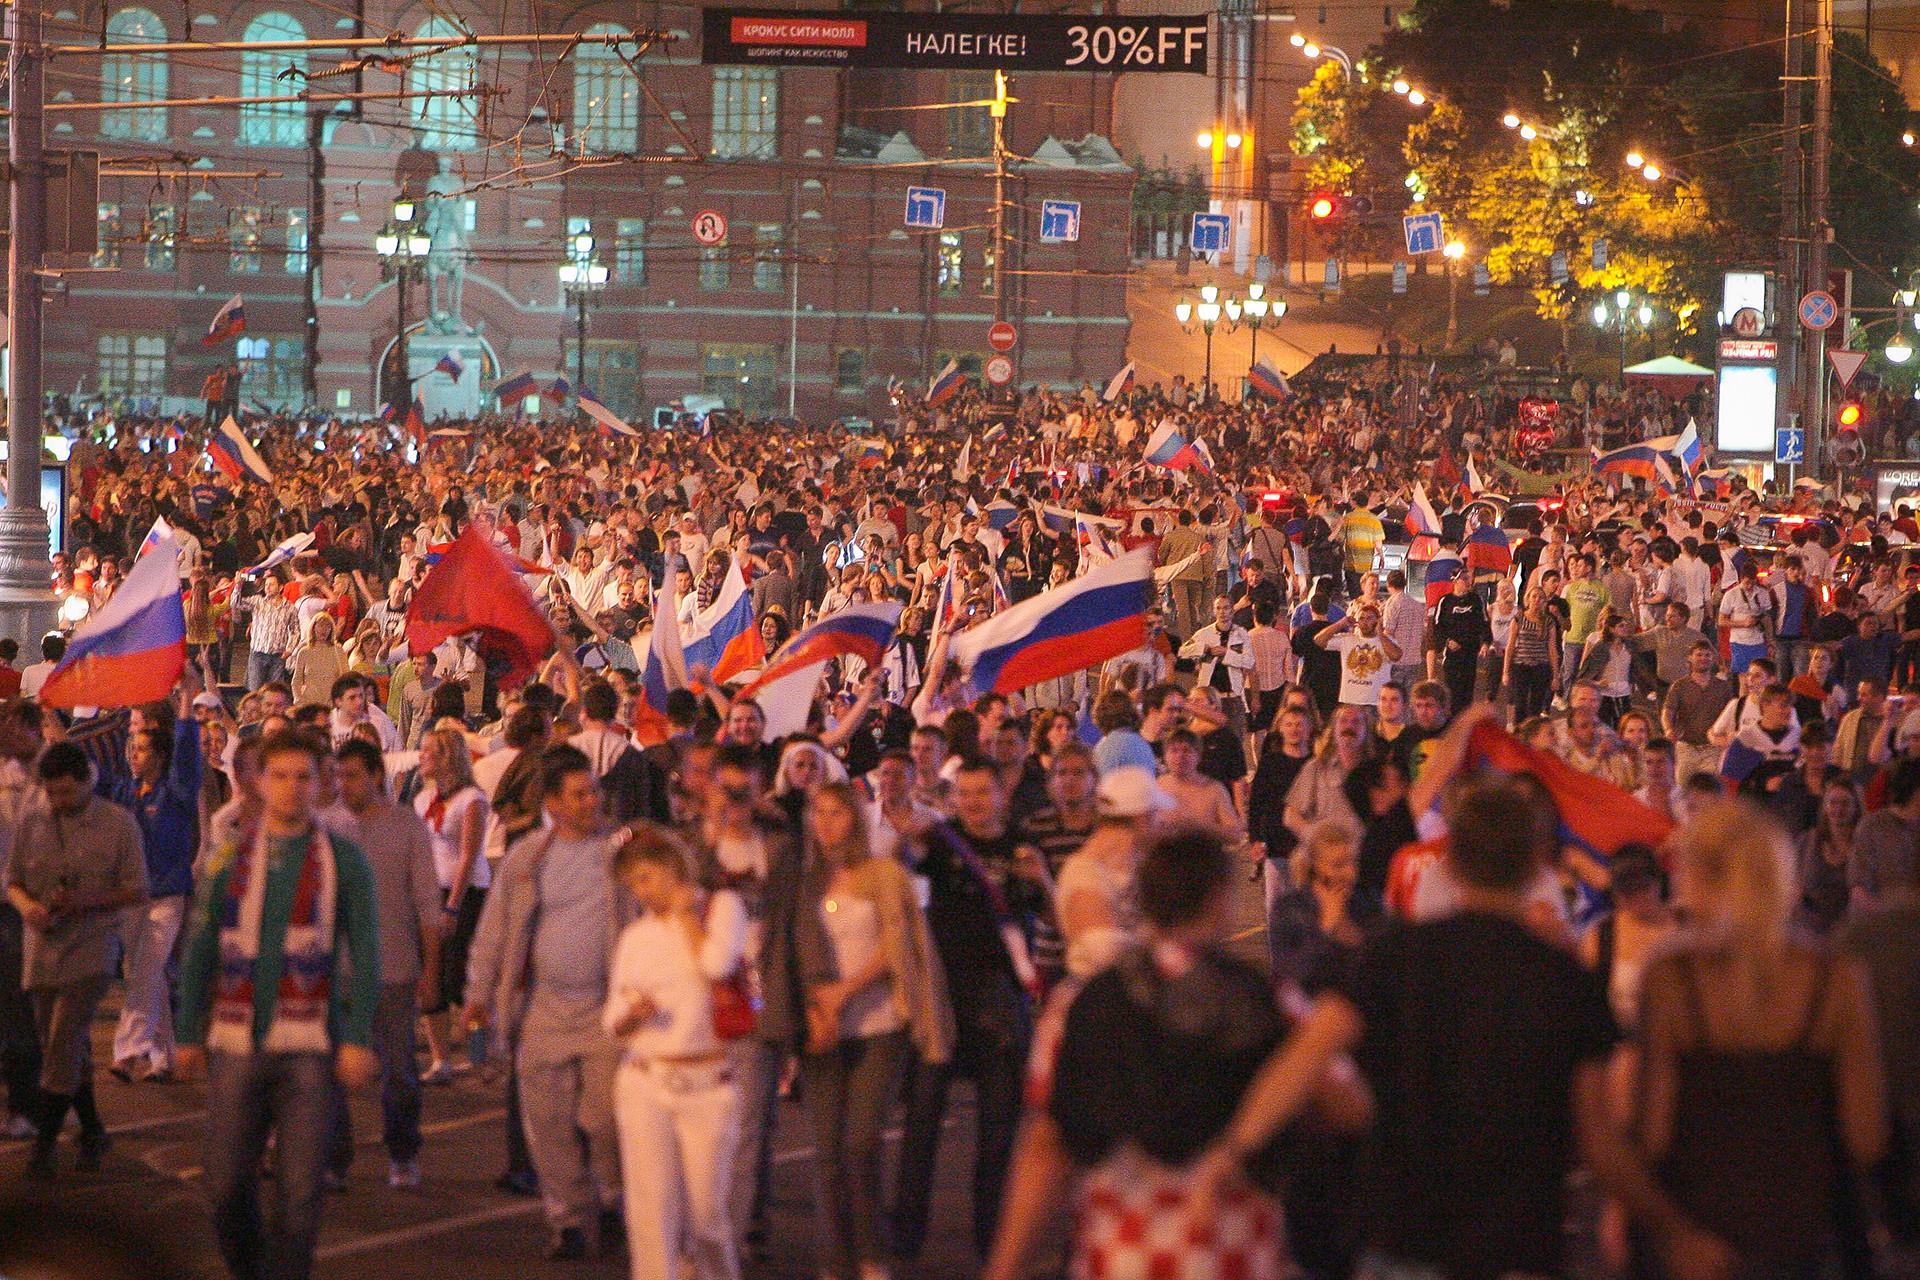 Suasana Lapangan Merah di kota Moskow setelah pertandingan melawan Belanda.